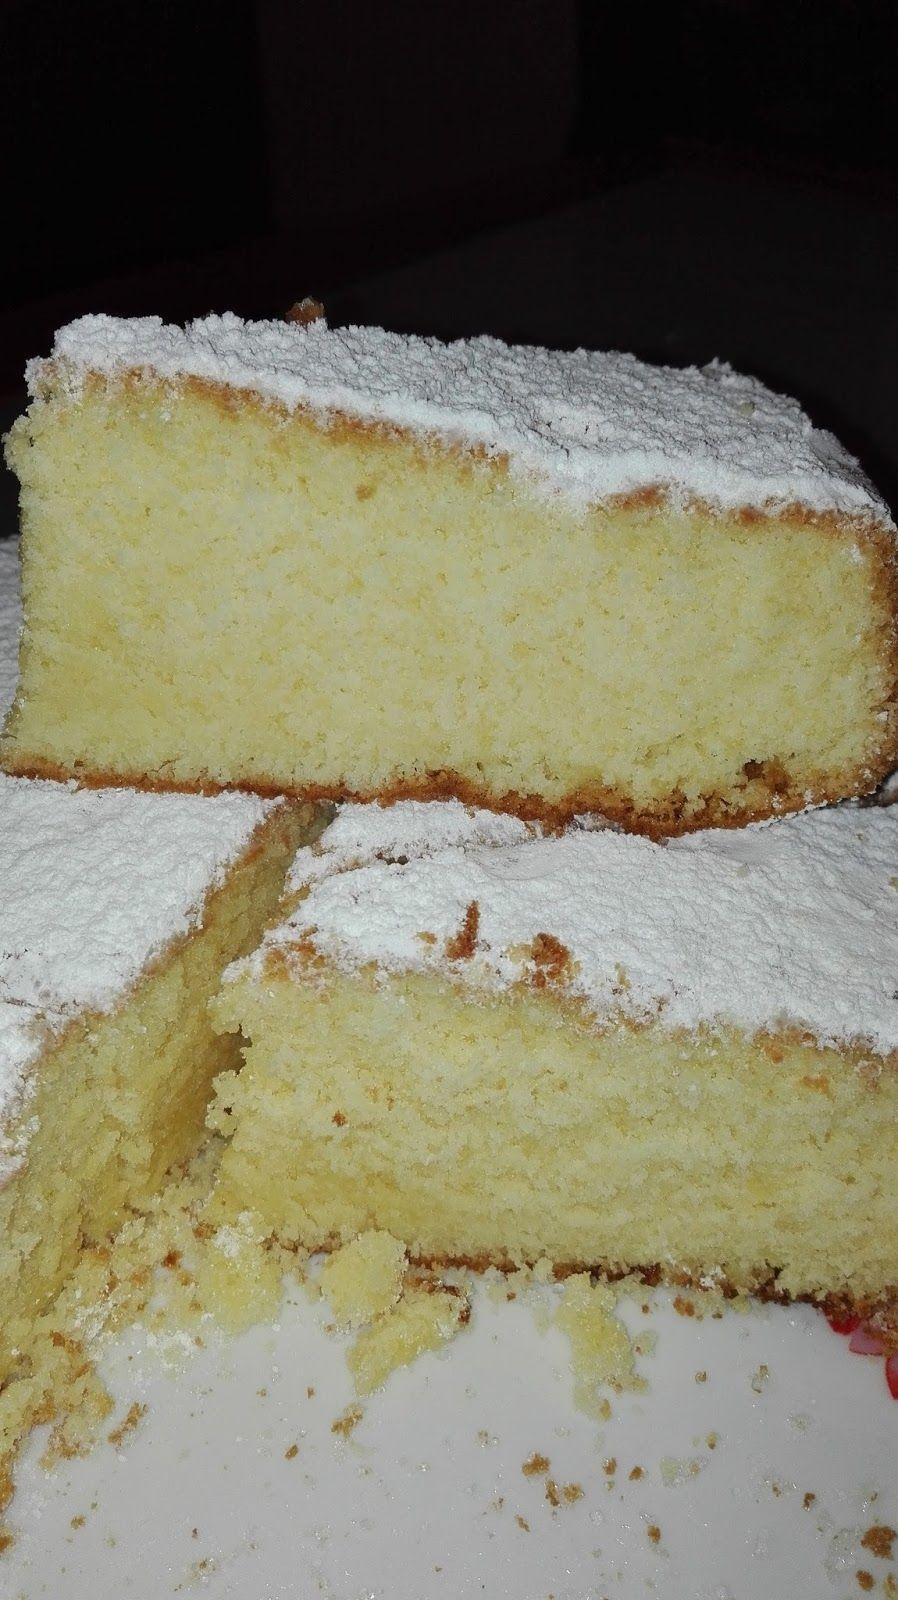 b358c3d2896a7184da596c41ecb5169d - Ricette Torte Semplici